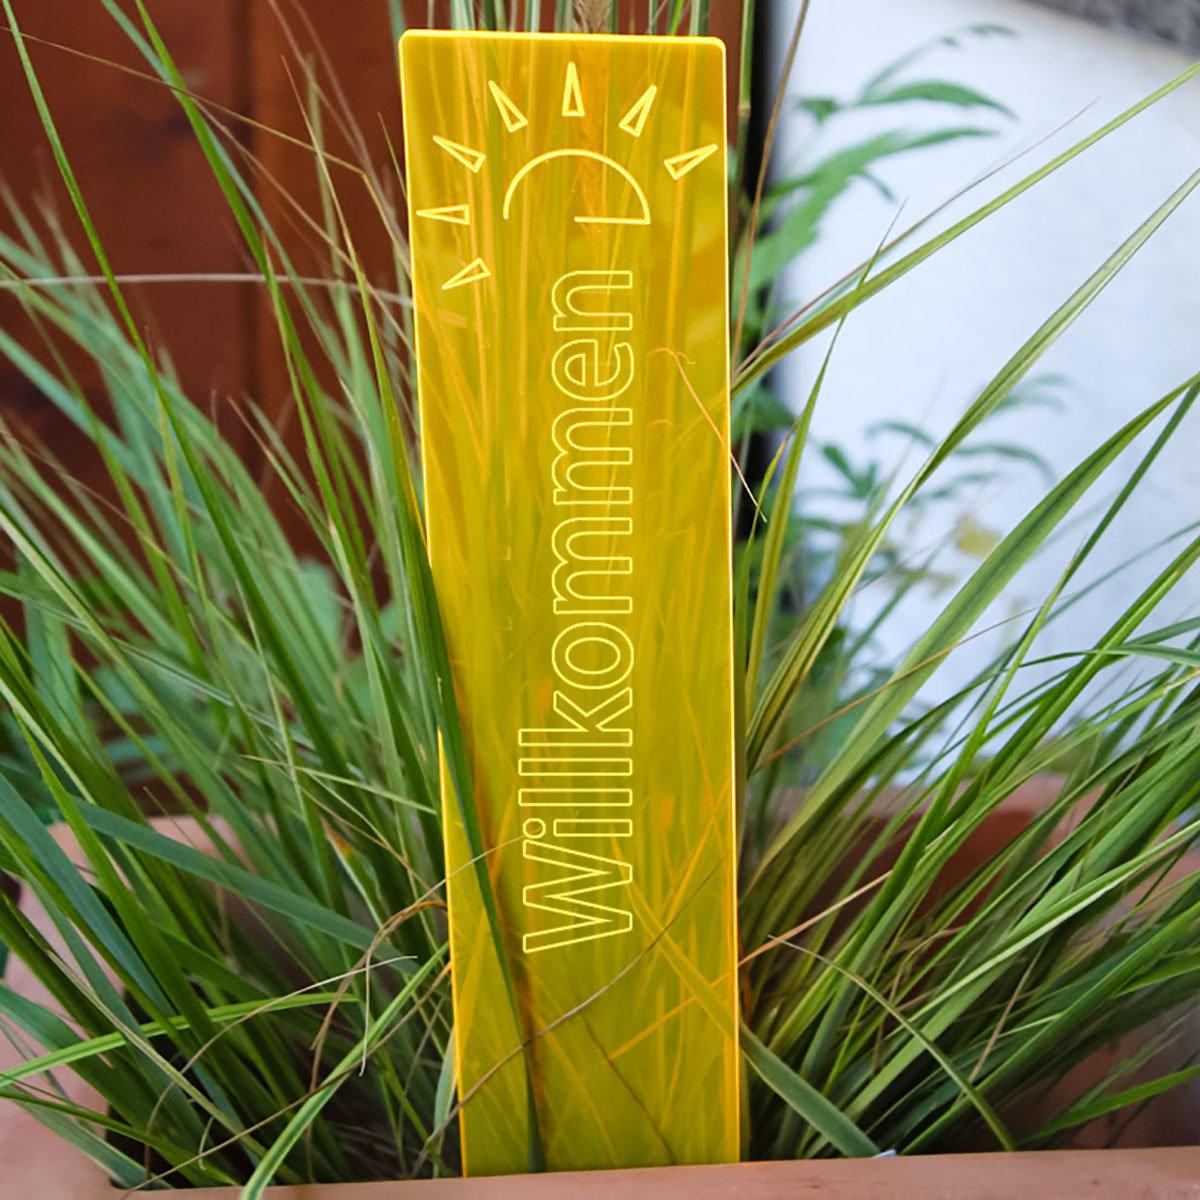 sunart® Leuchtstele Wilkommen, gelb-orange